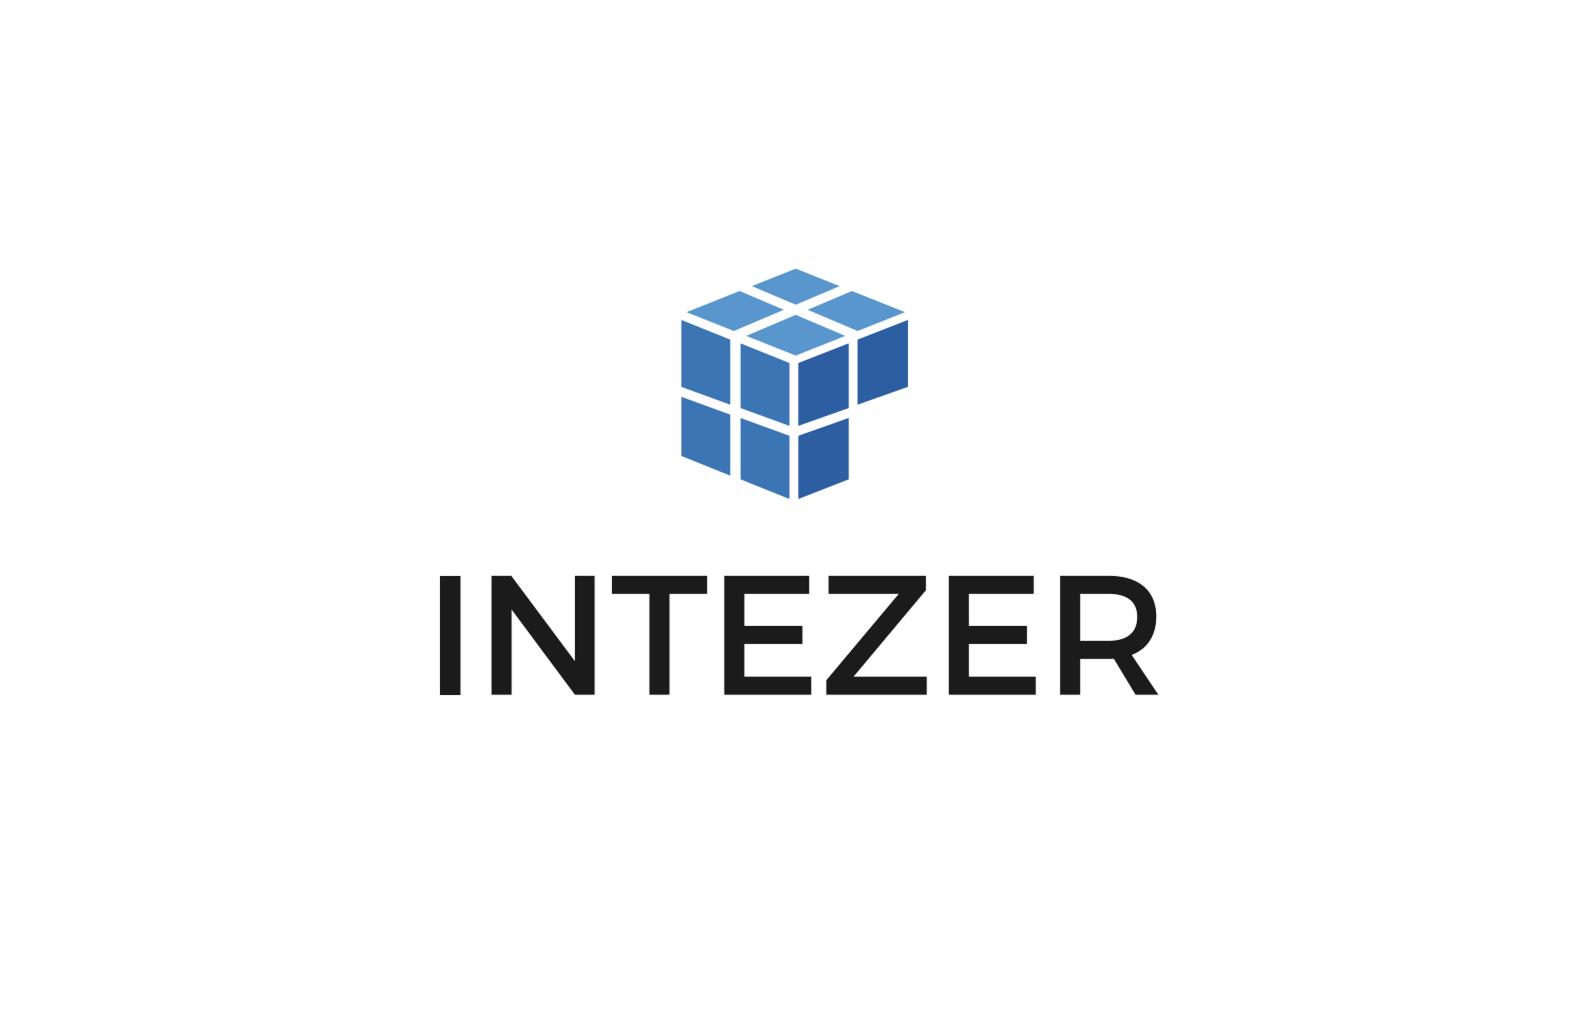 Intezer